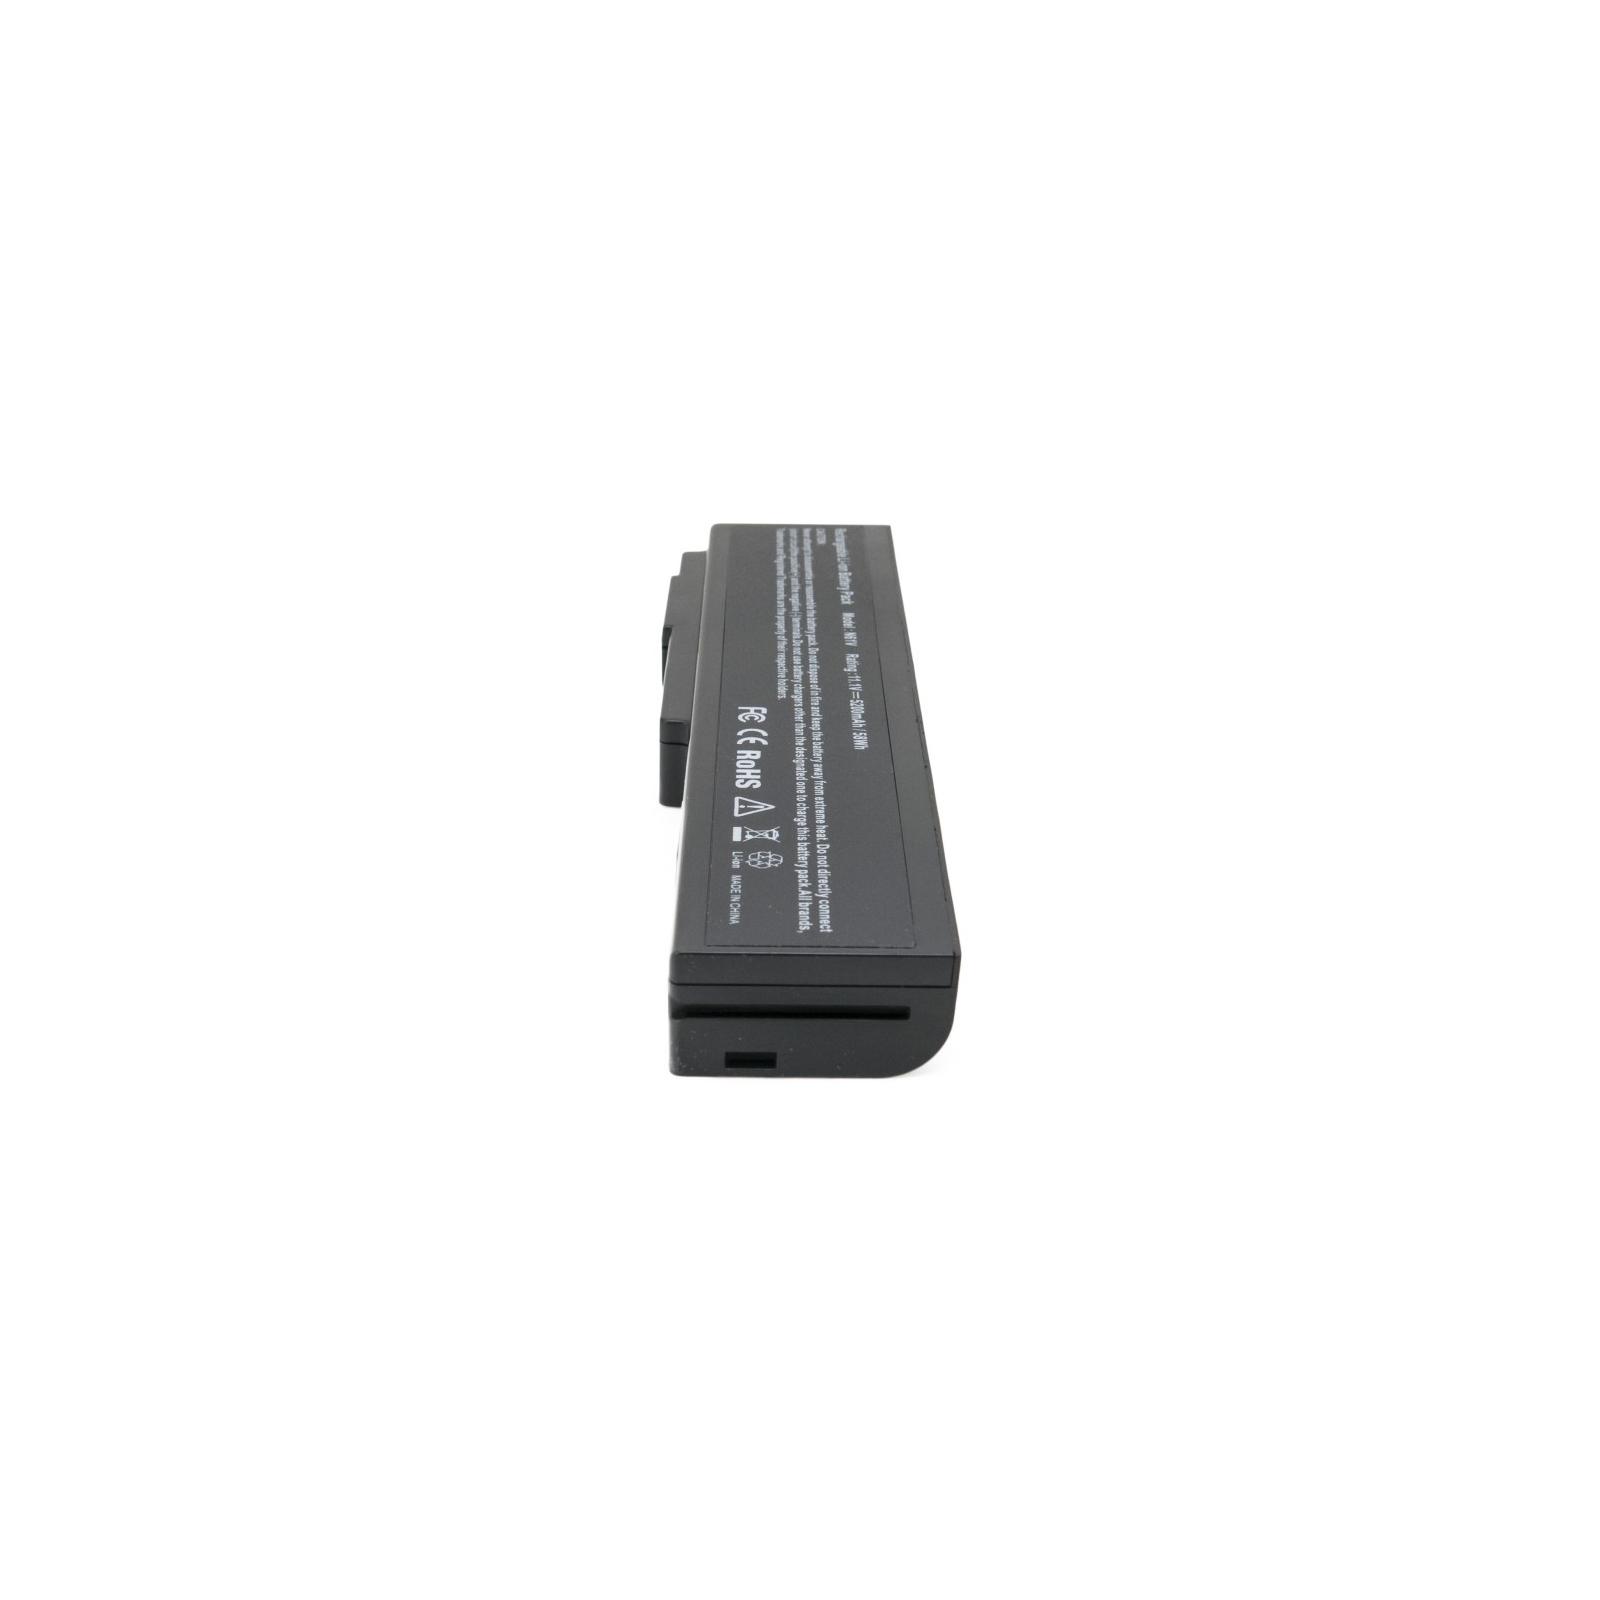 Аккумулятор для ноутбука Asus N61VG (A32-M50) 5200 mAh EXTRADIGITAL (BNA3928) изображение 5